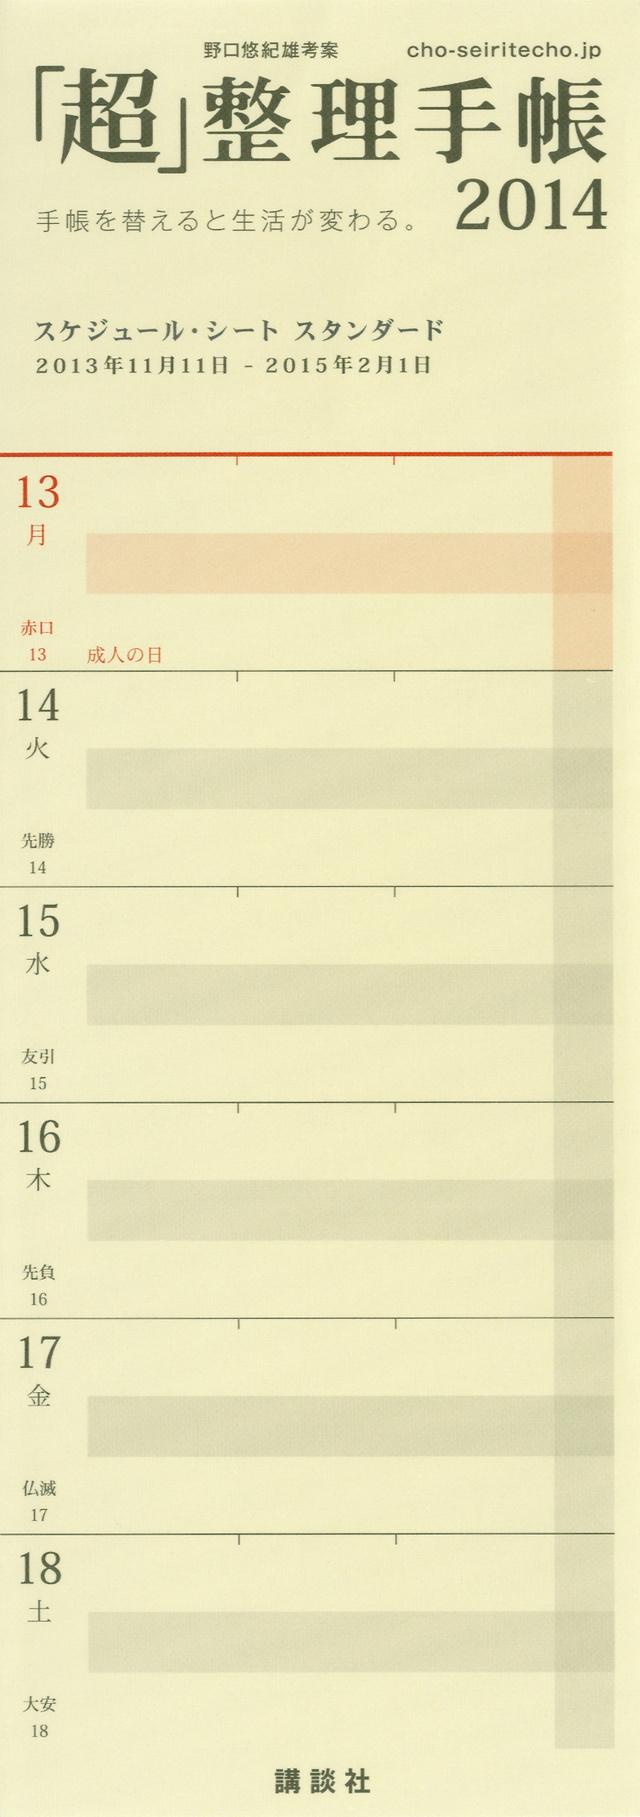 「超」整理手帳 スケジュール・シート スタンダード2014